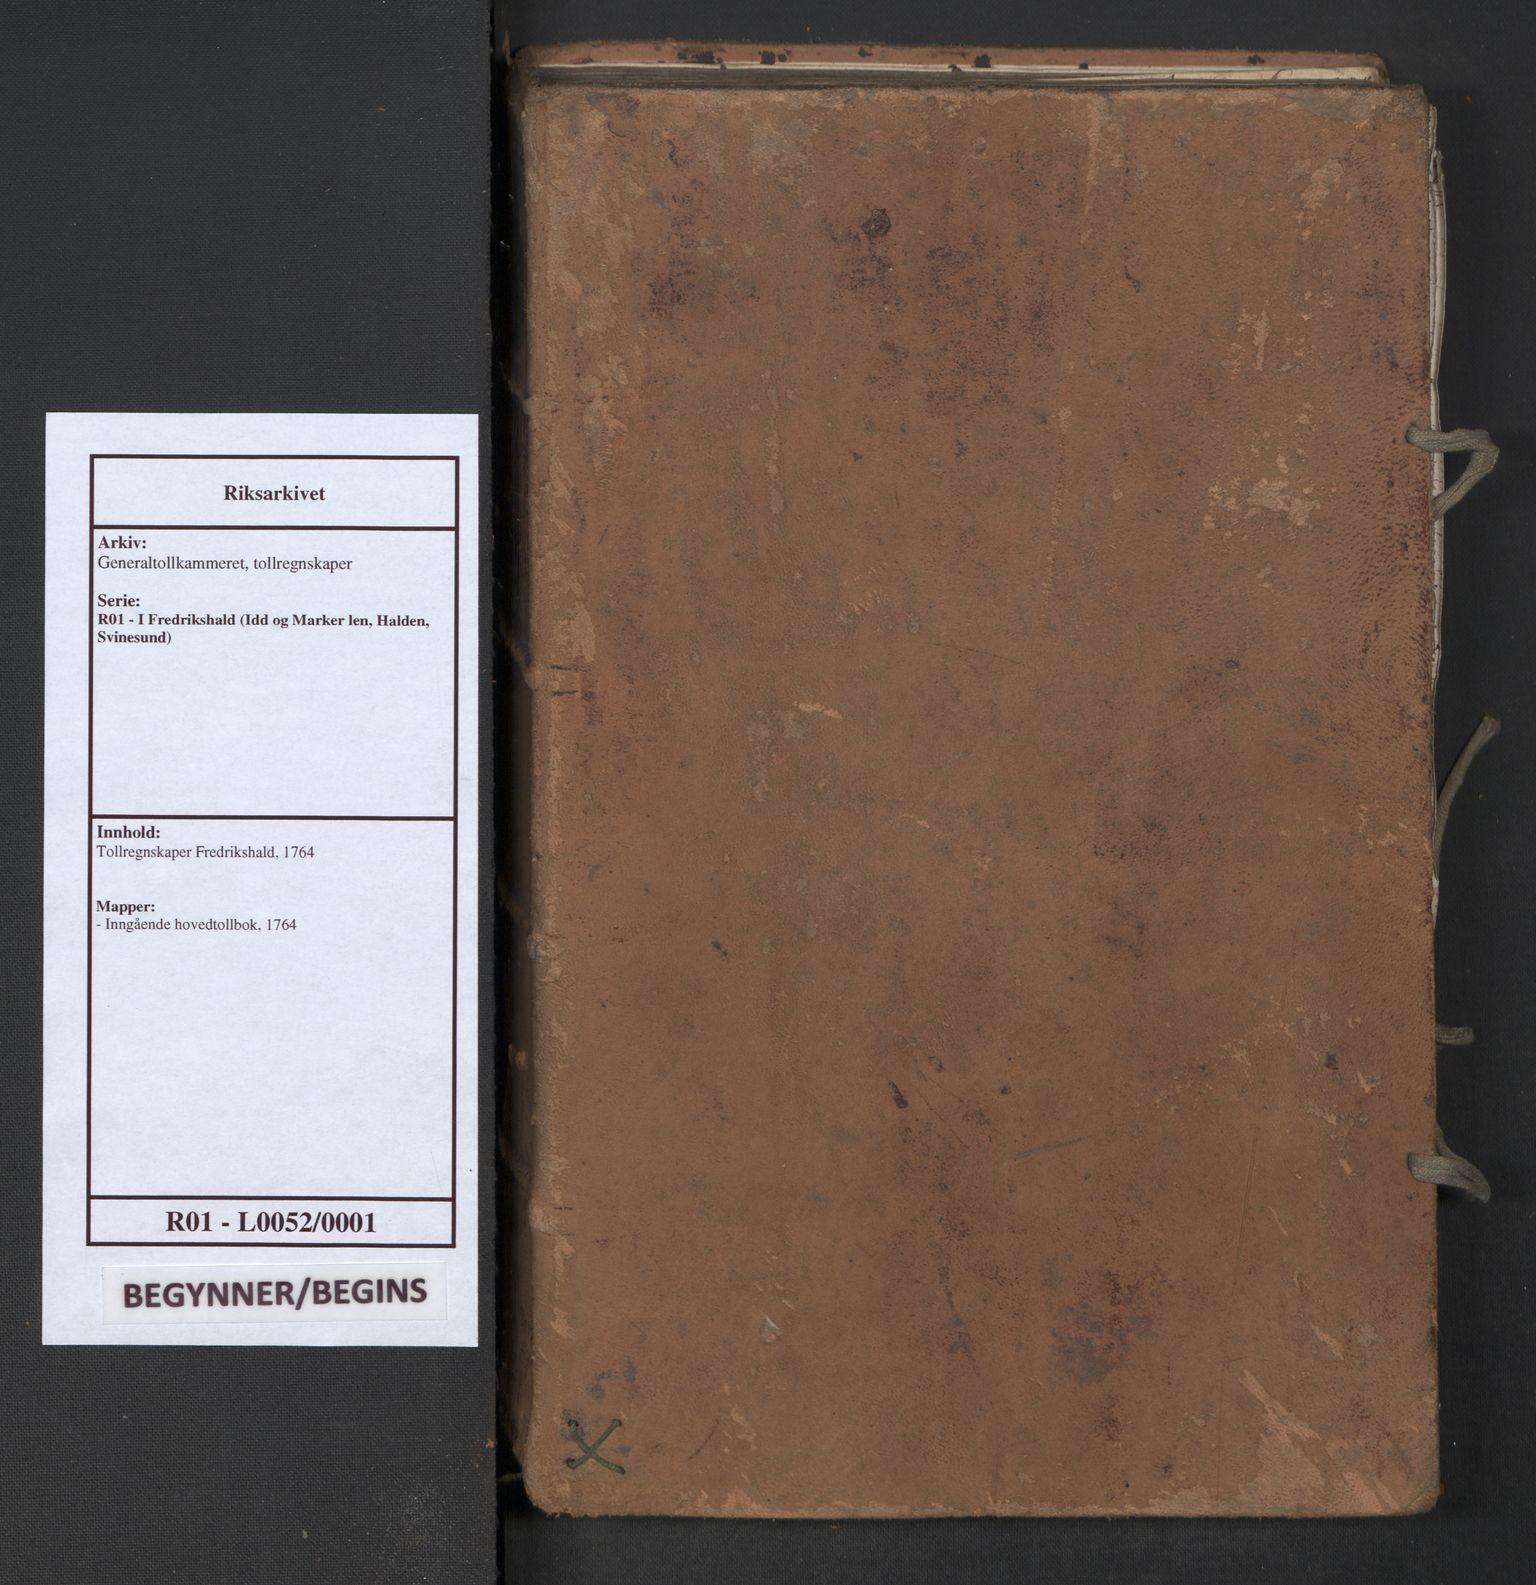 RA, Generaltollkammeret, tollregnskaper, R01/L0052: Tollregnskaper Fredrikshald, 1764